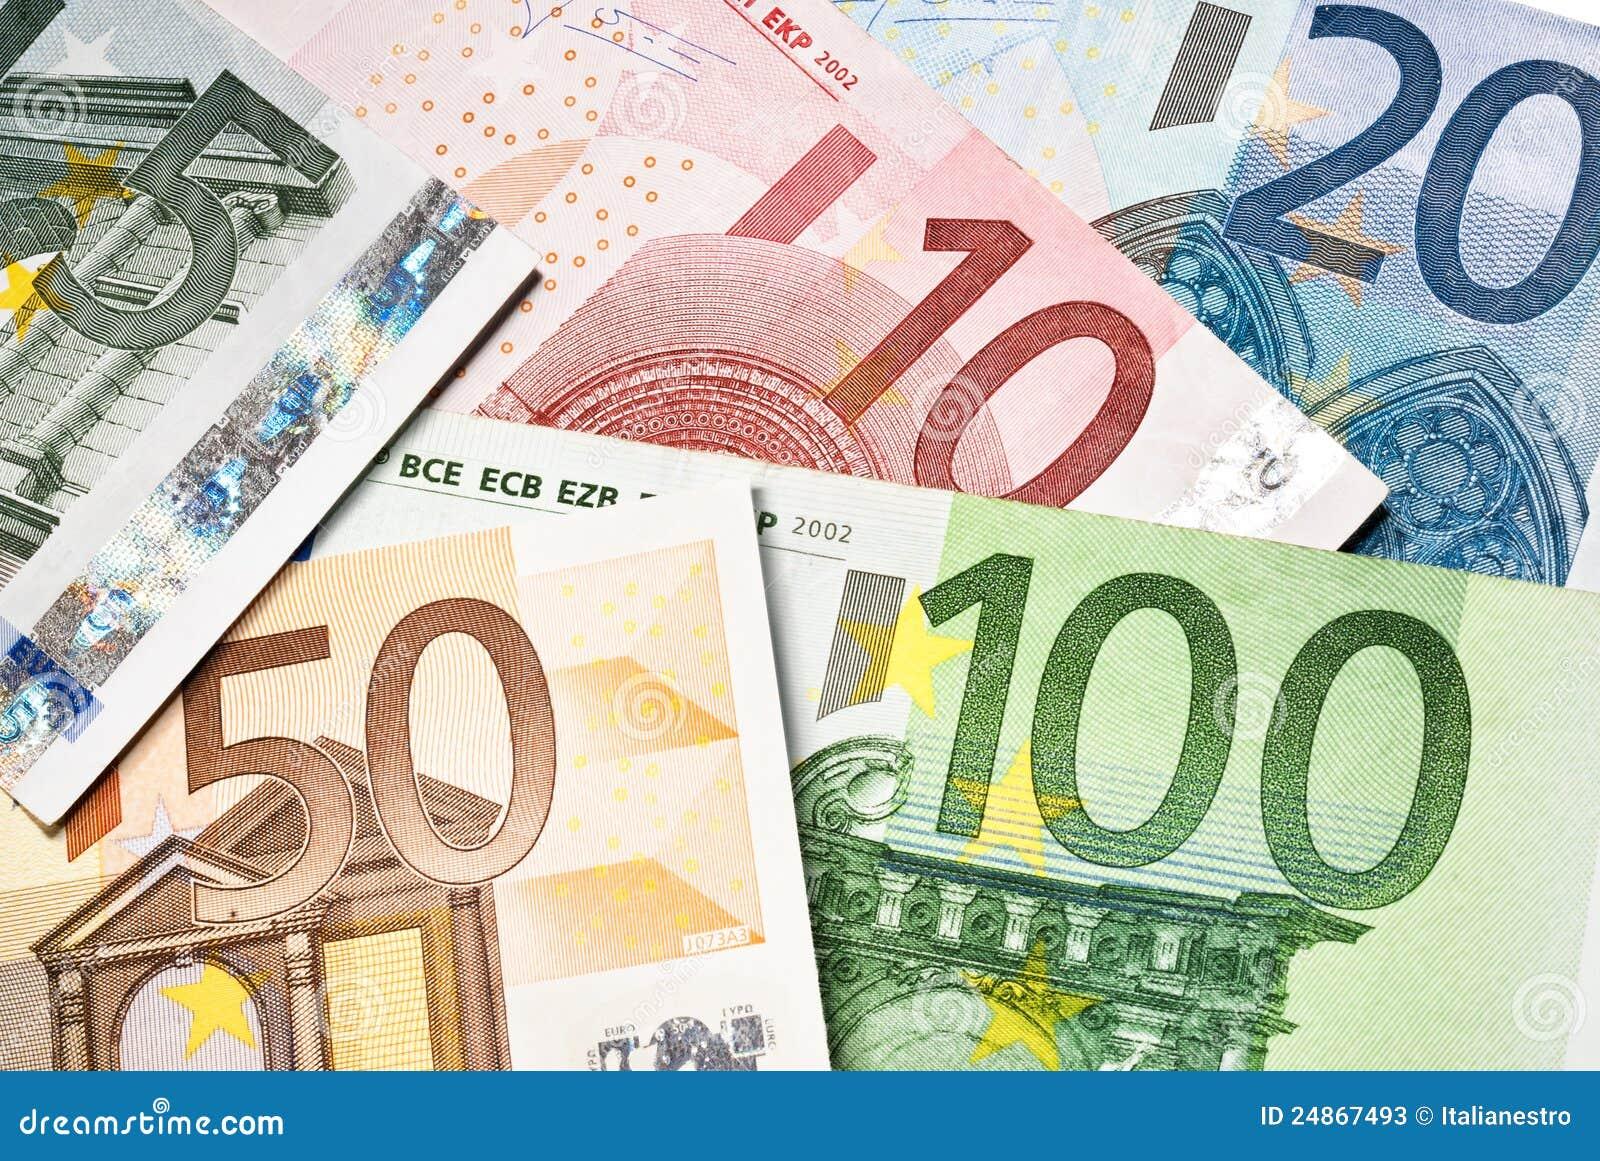 eurobanknoten stockbild bild von wirtschaftlichkeit